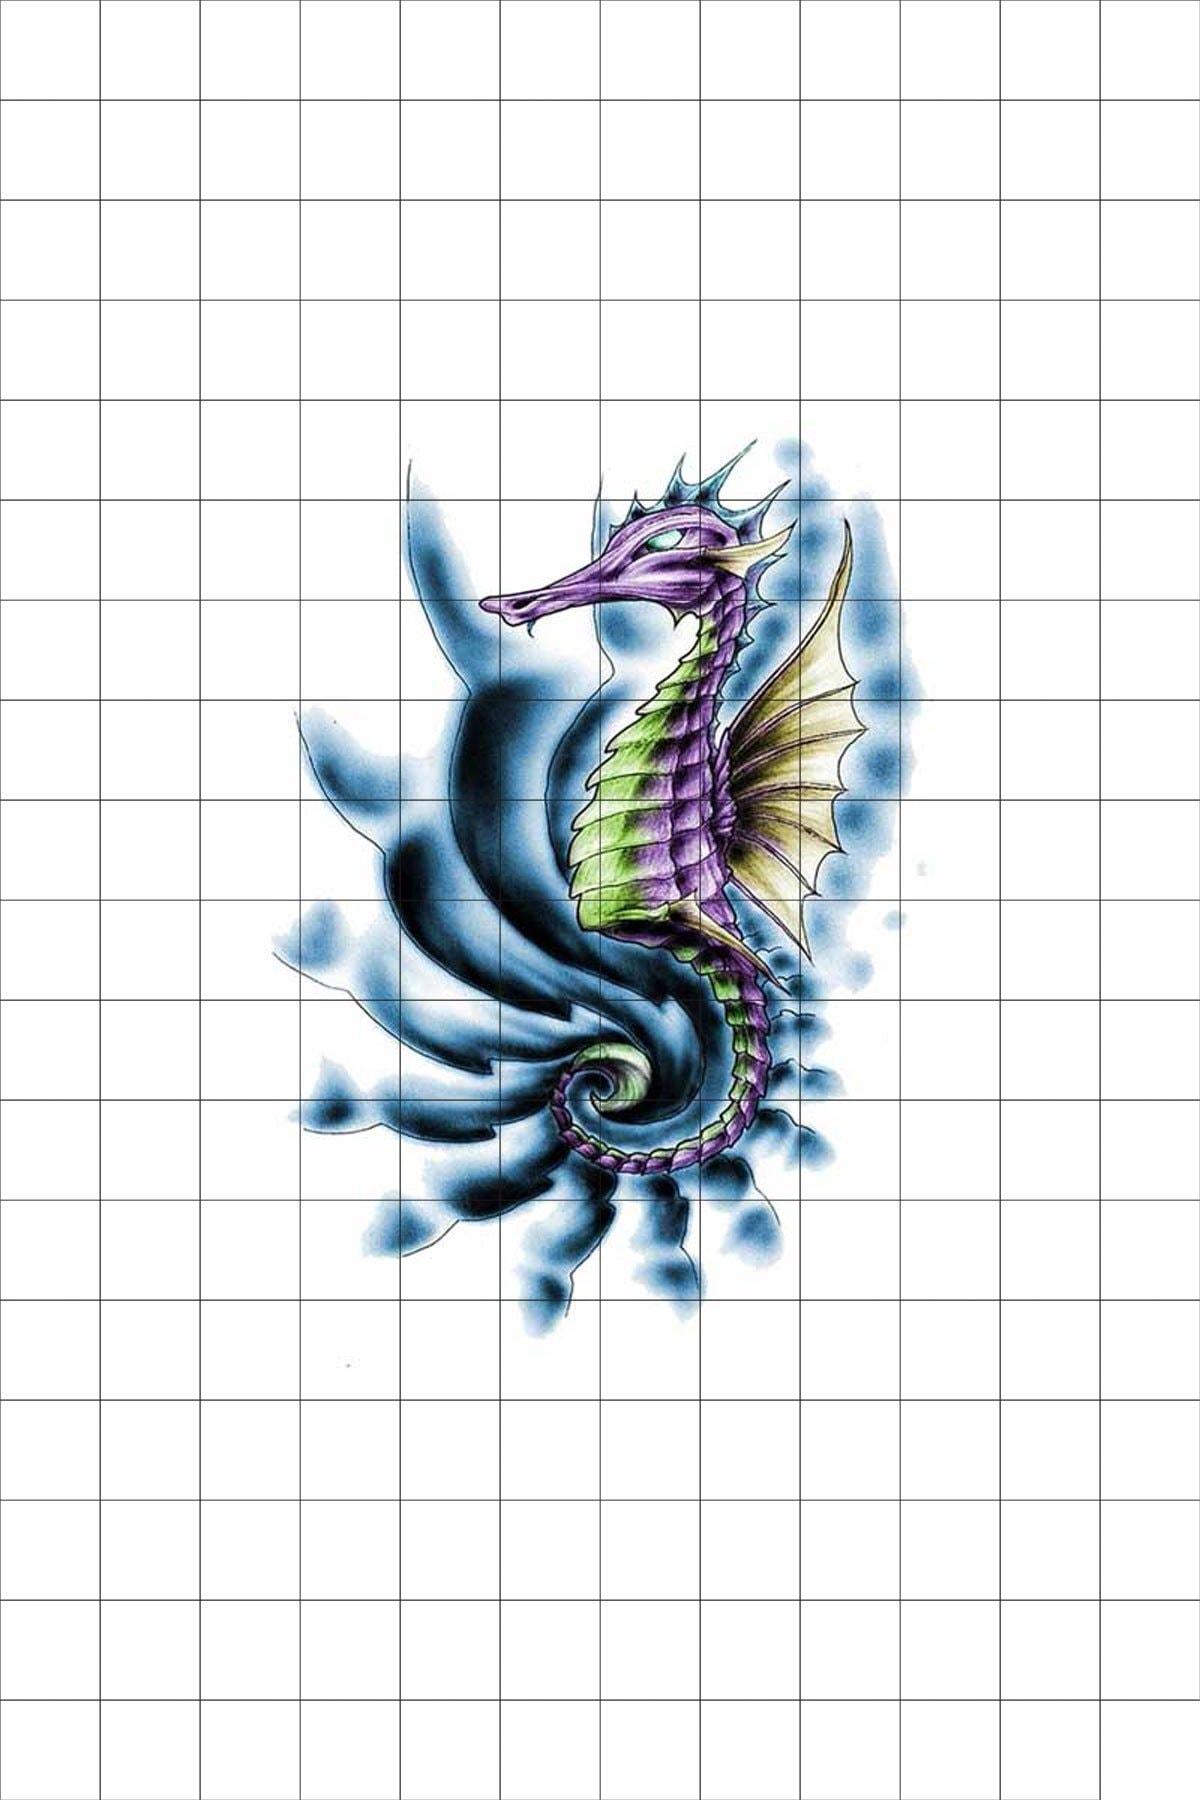 Haroşa Örgü Örnekleri Nasıl Yapılır Dantel Oya İşleme Örgü ... | 1800x1200